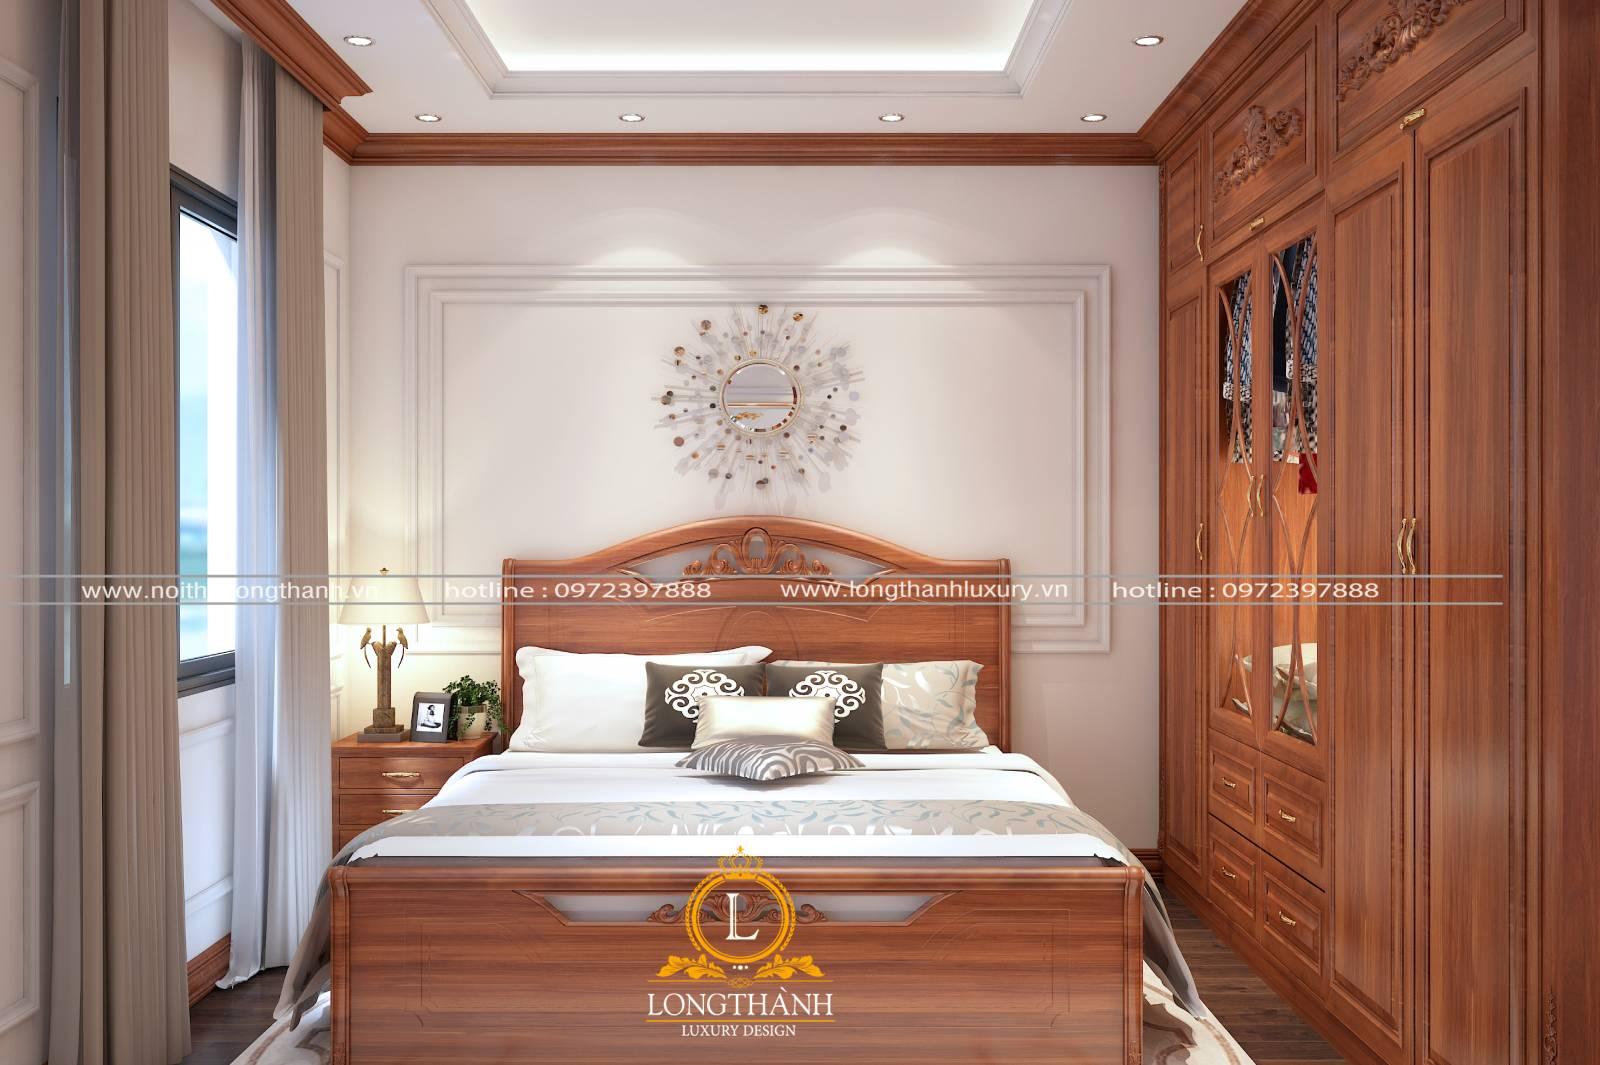 Mẫu thiết kế nội thất cho phòng ngủ khách sạn diện tích nhỏ